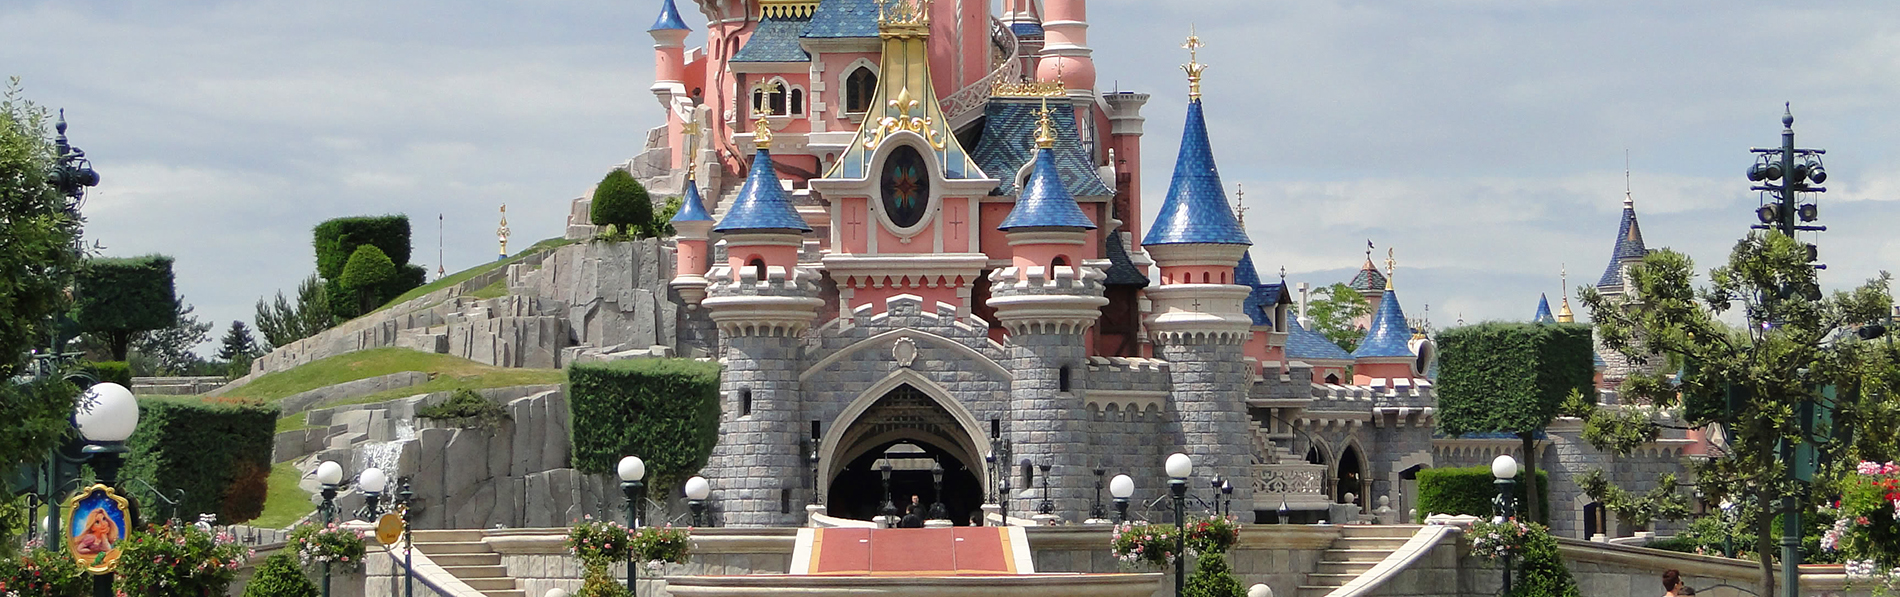 Votre chauffeur privé pour votre transport entre Paris et Disneyland Paris